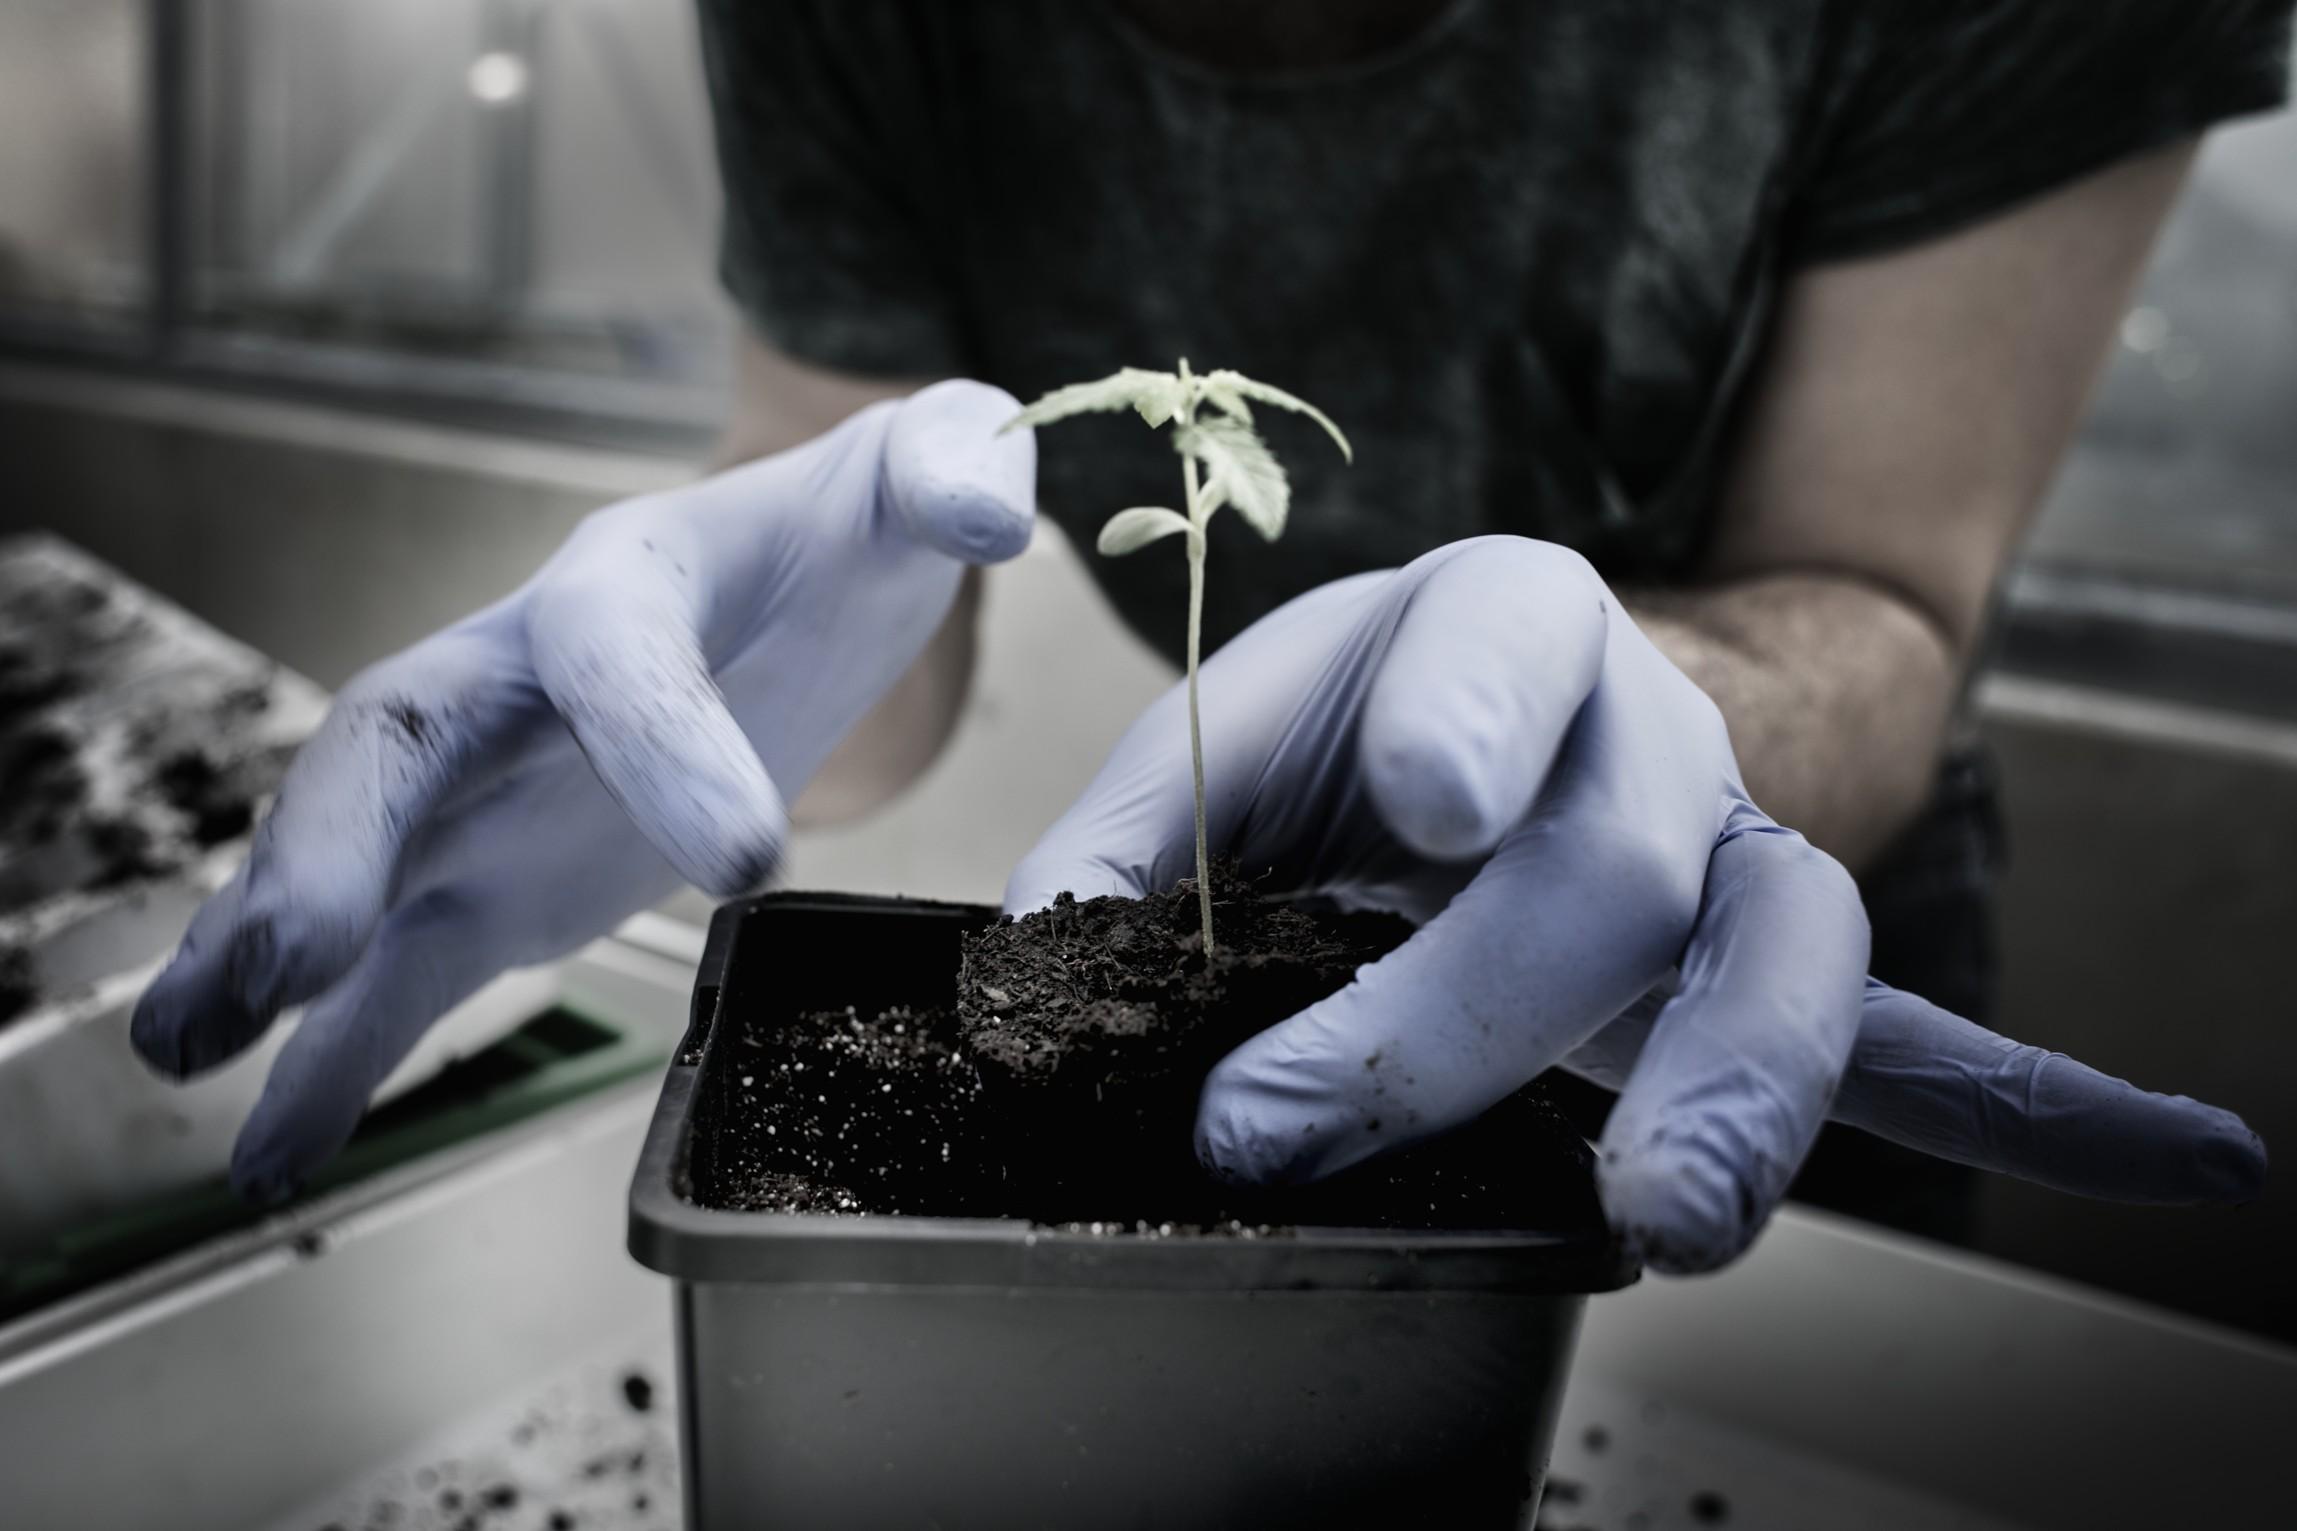 Vpřípadě jednoho vzorku dosáhl obsah THC vsušině dokonce 0,74 %, což je více než dvojnásobek limitu.